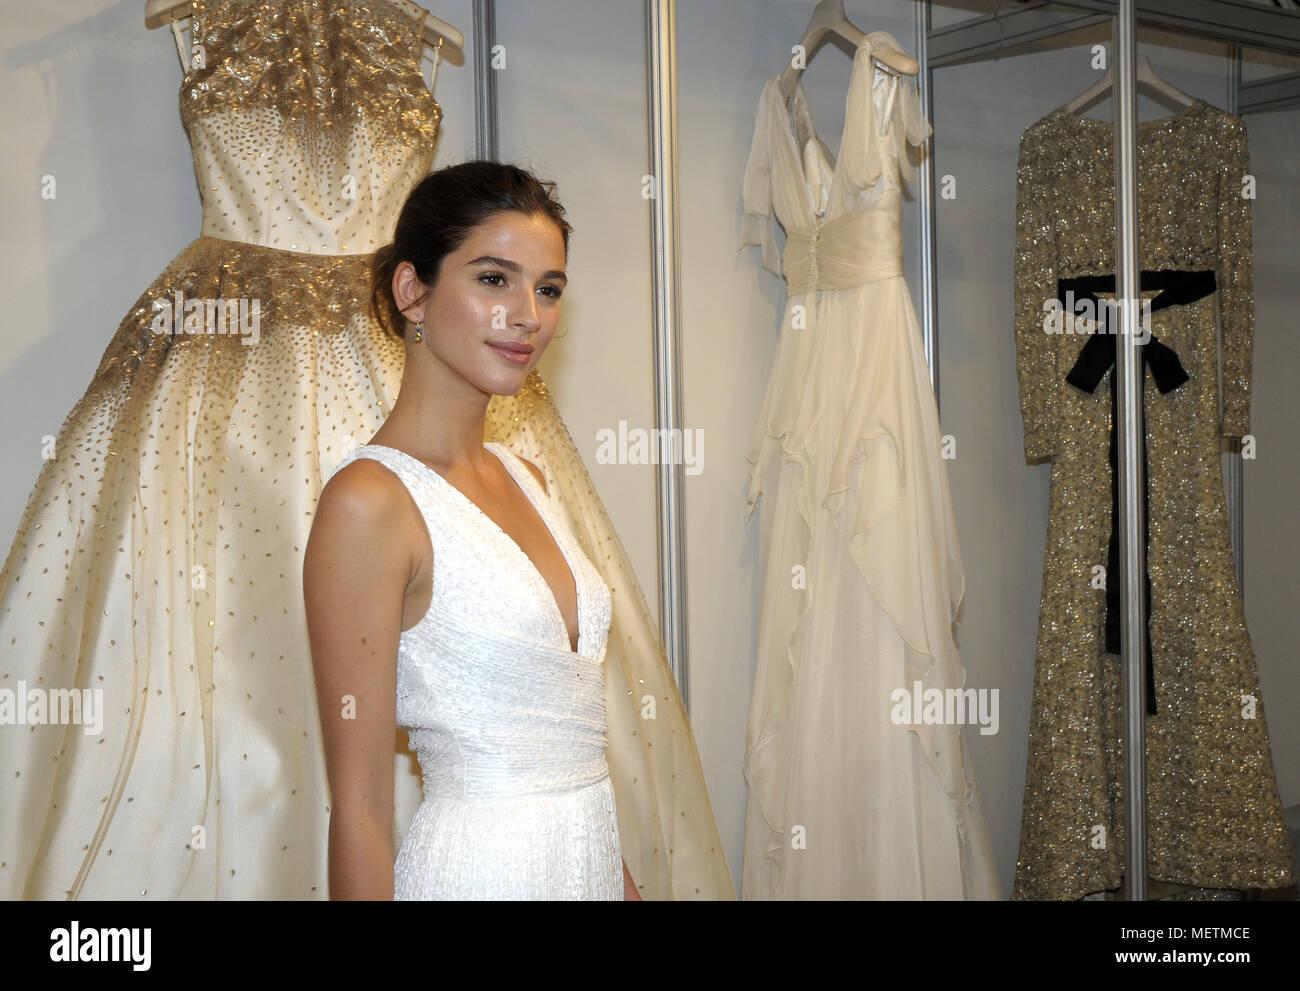 Barcelona Brautwoche Stockfotos und -bilder Kaufen - Alamy